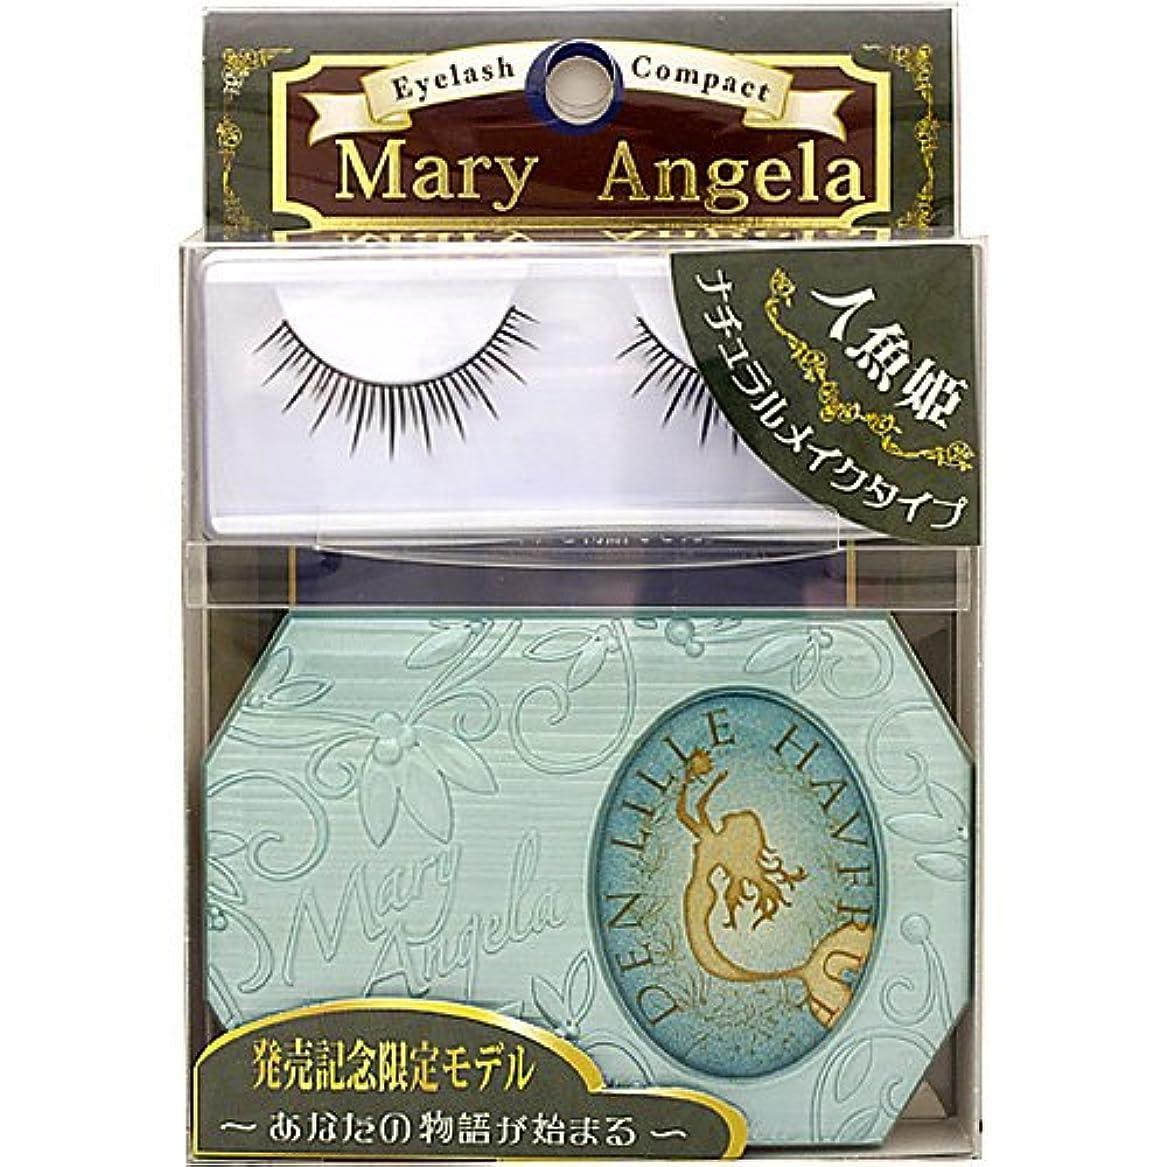 ドラフトどれでも依存するMILCA ミルカ MaryAngela マリーアンジェラ つけまつげ&つけまつげケース 人魚姫